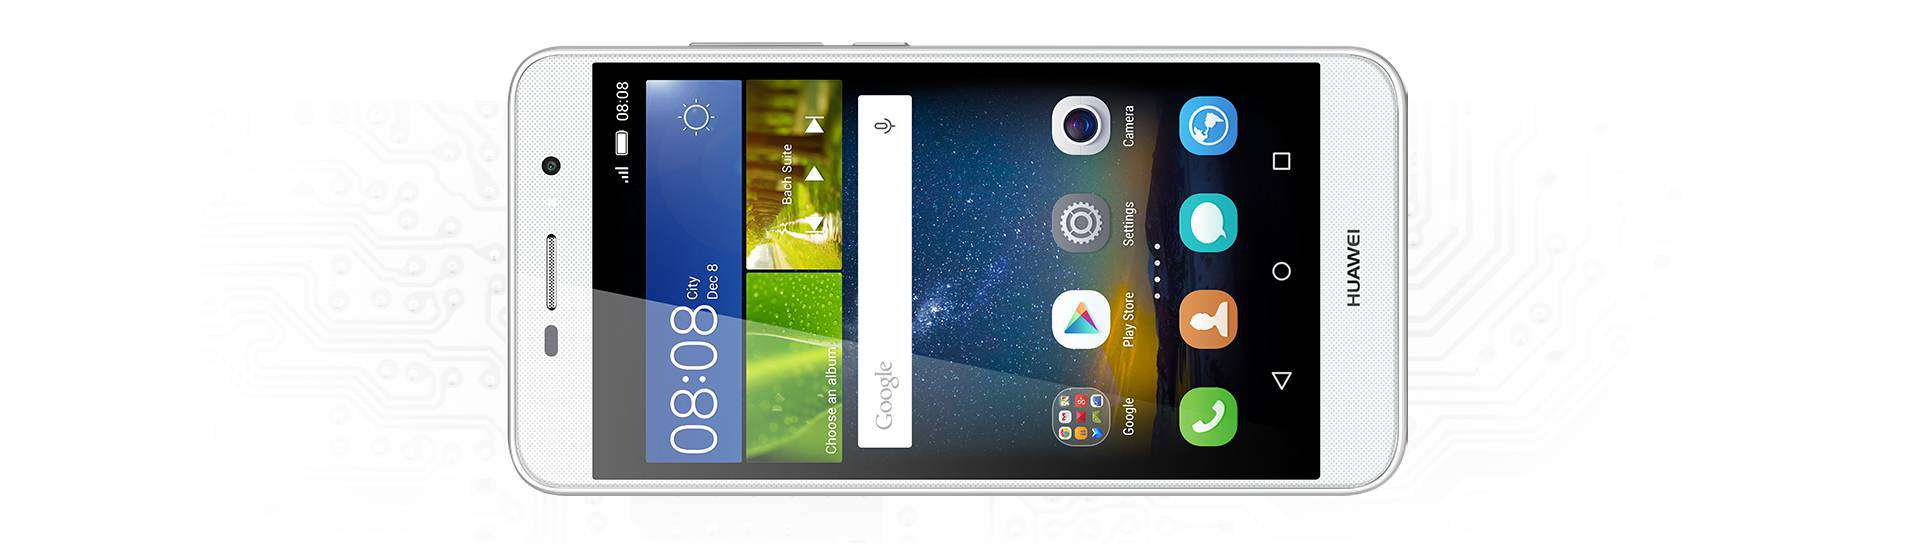 Huawei Y6 Pro 4